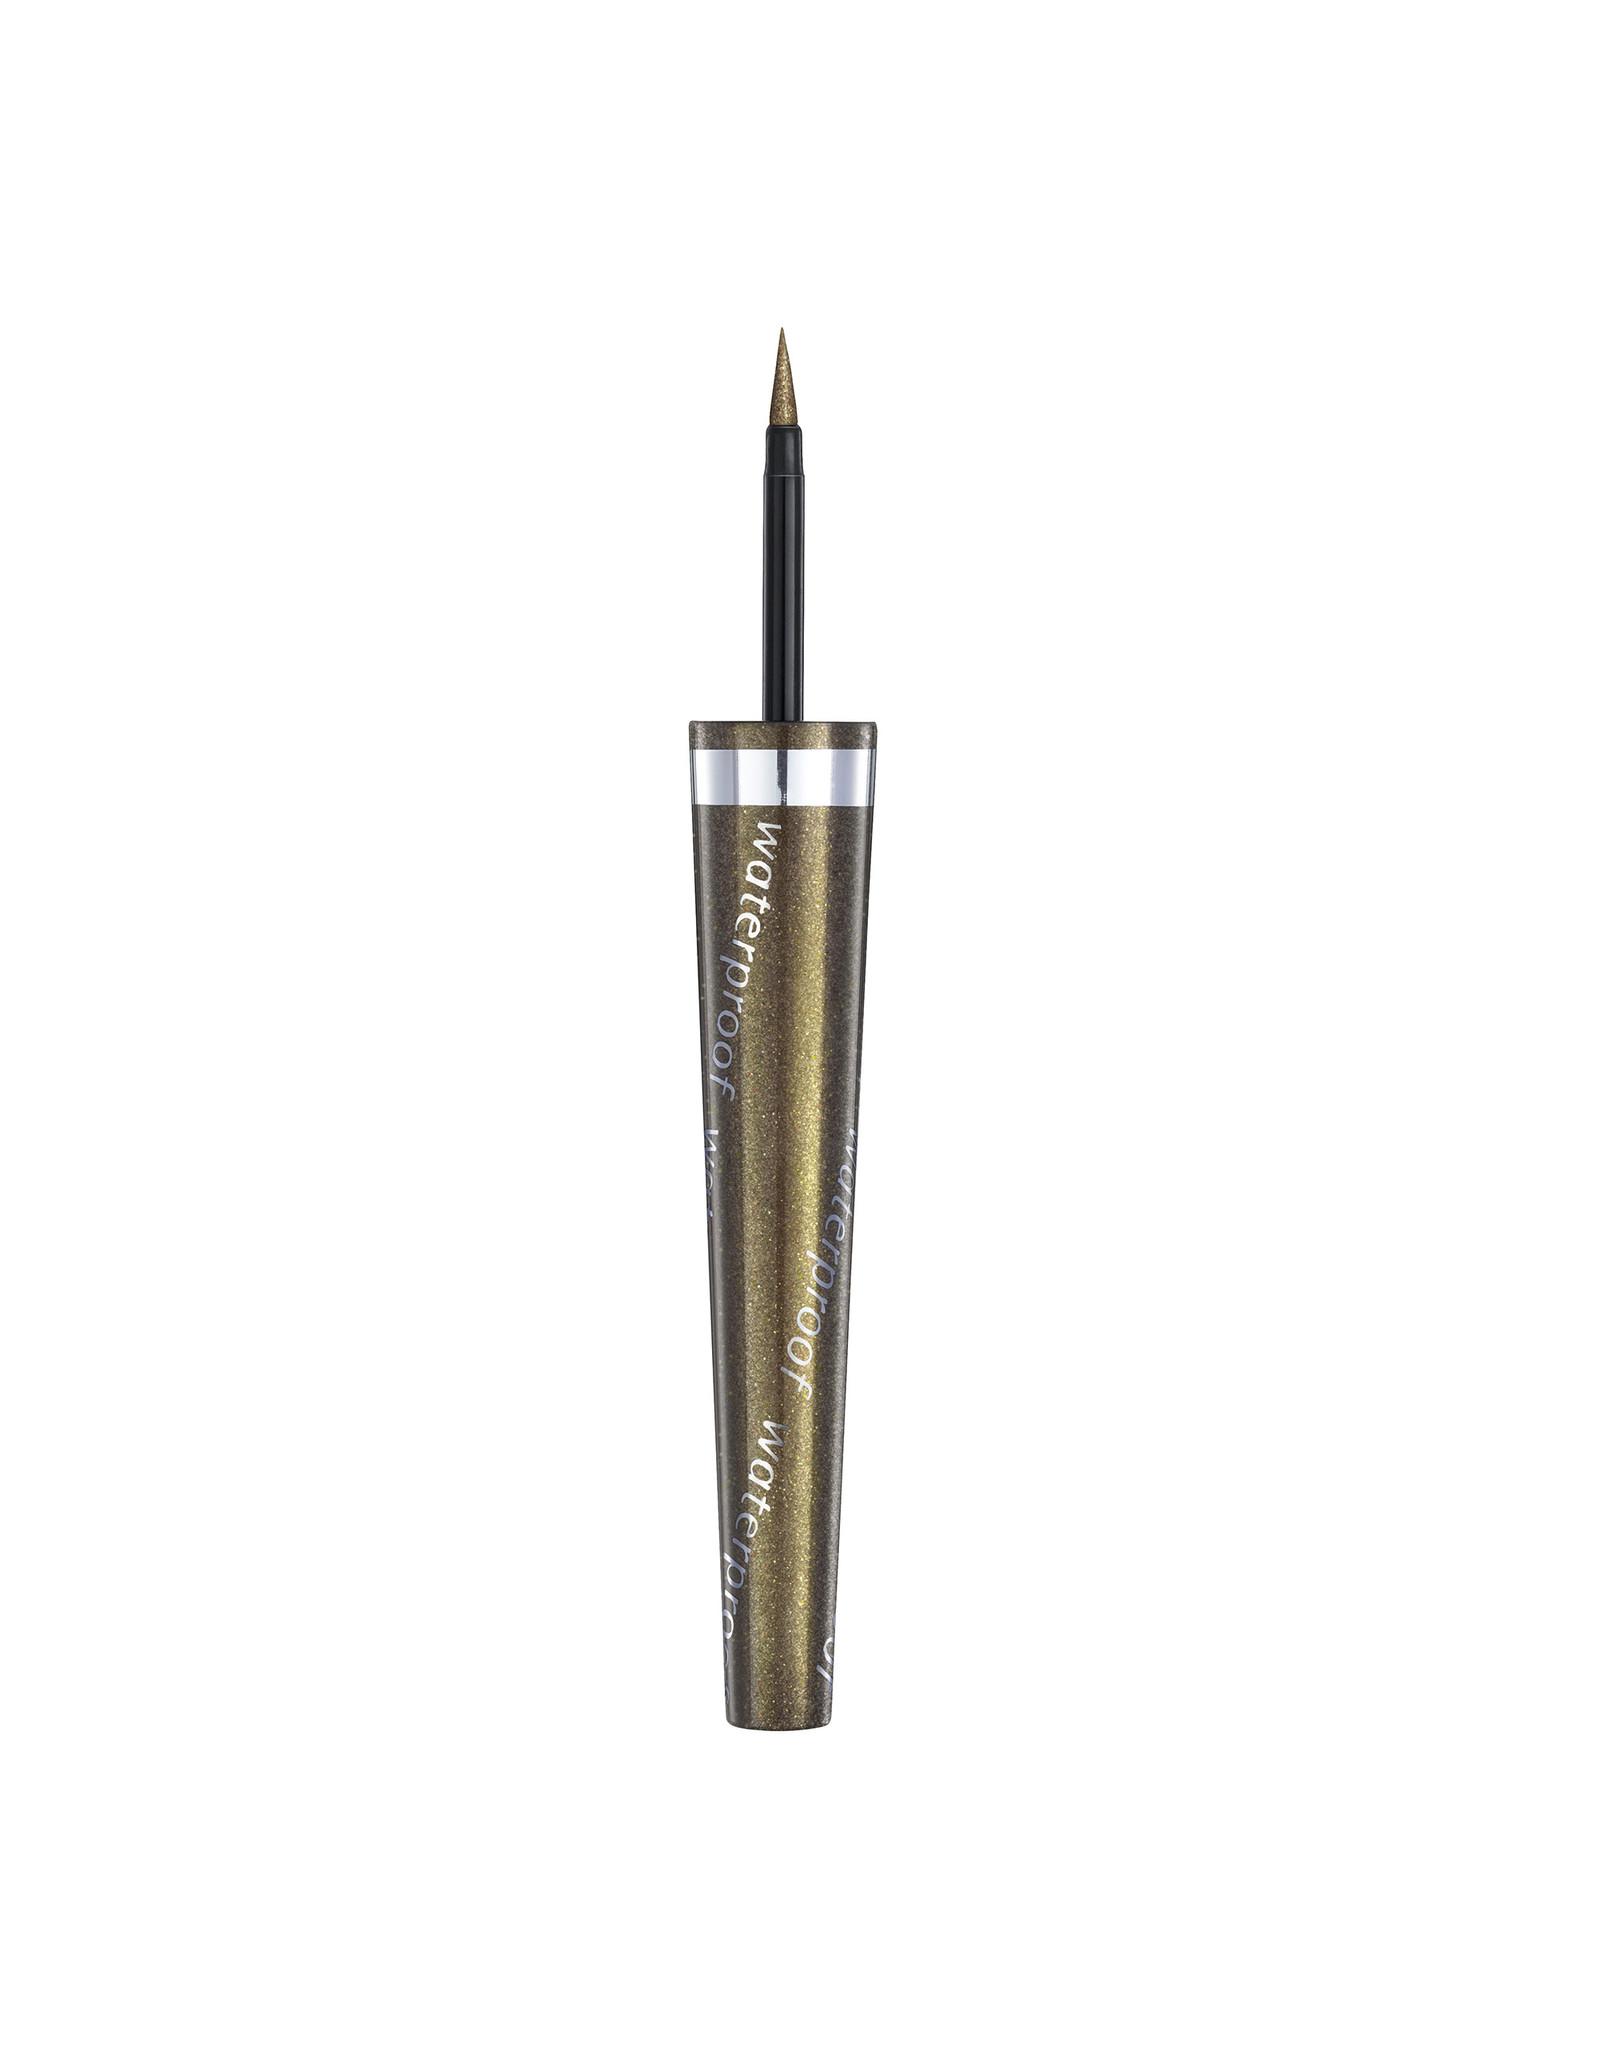 Isadora Vintage Gold 43 Glossy  Eyeliner Waterproof by Isadora